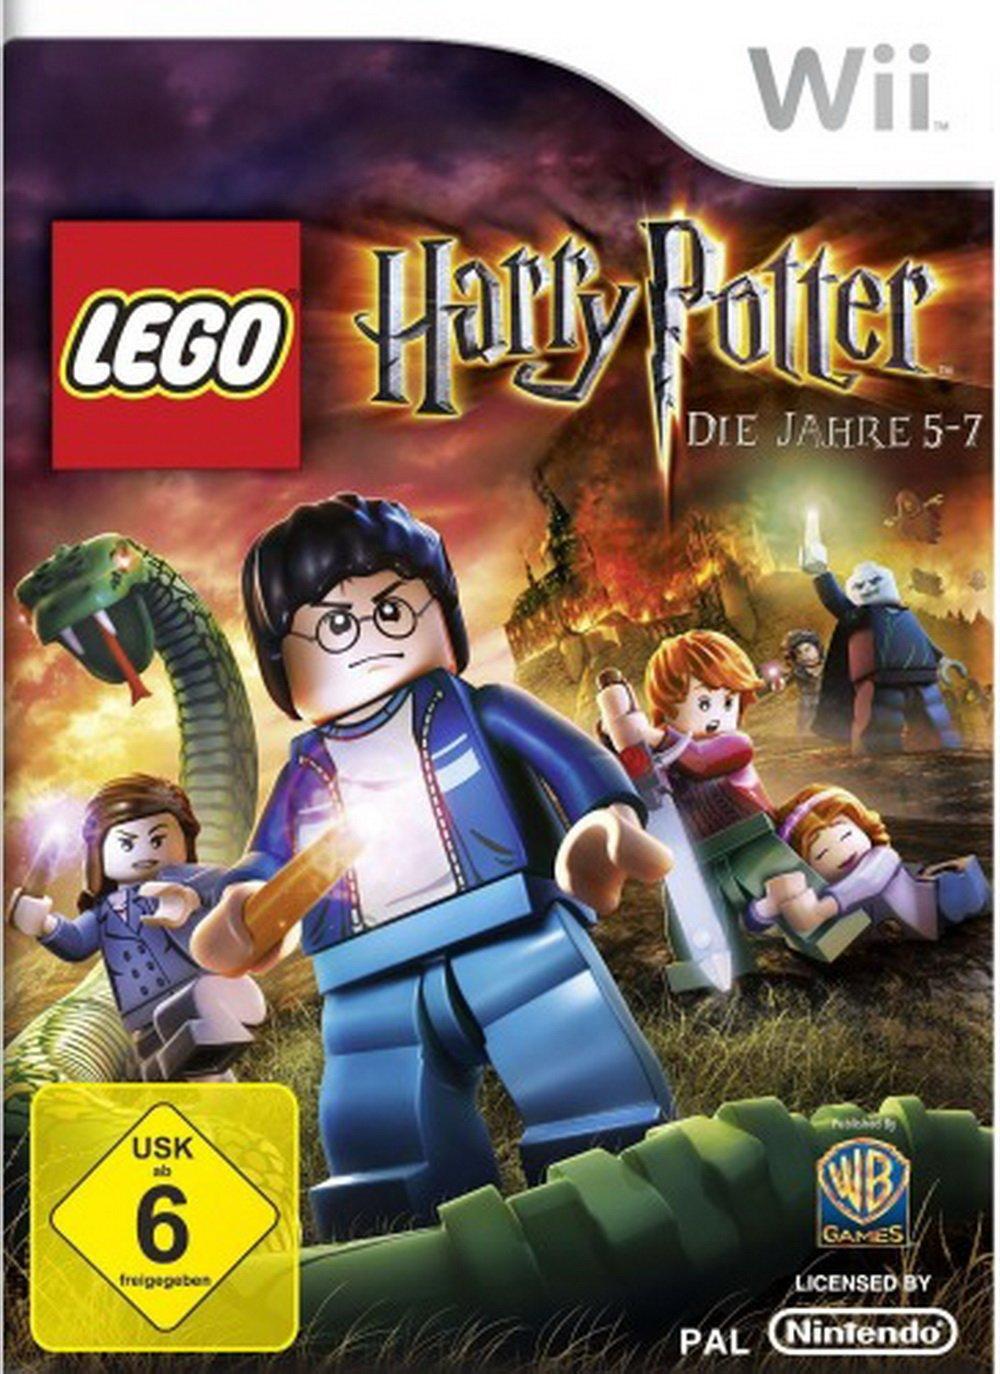 Wii Lego Harry Potter – Die Jahre 5-7, 1Stück günstig online kaufen